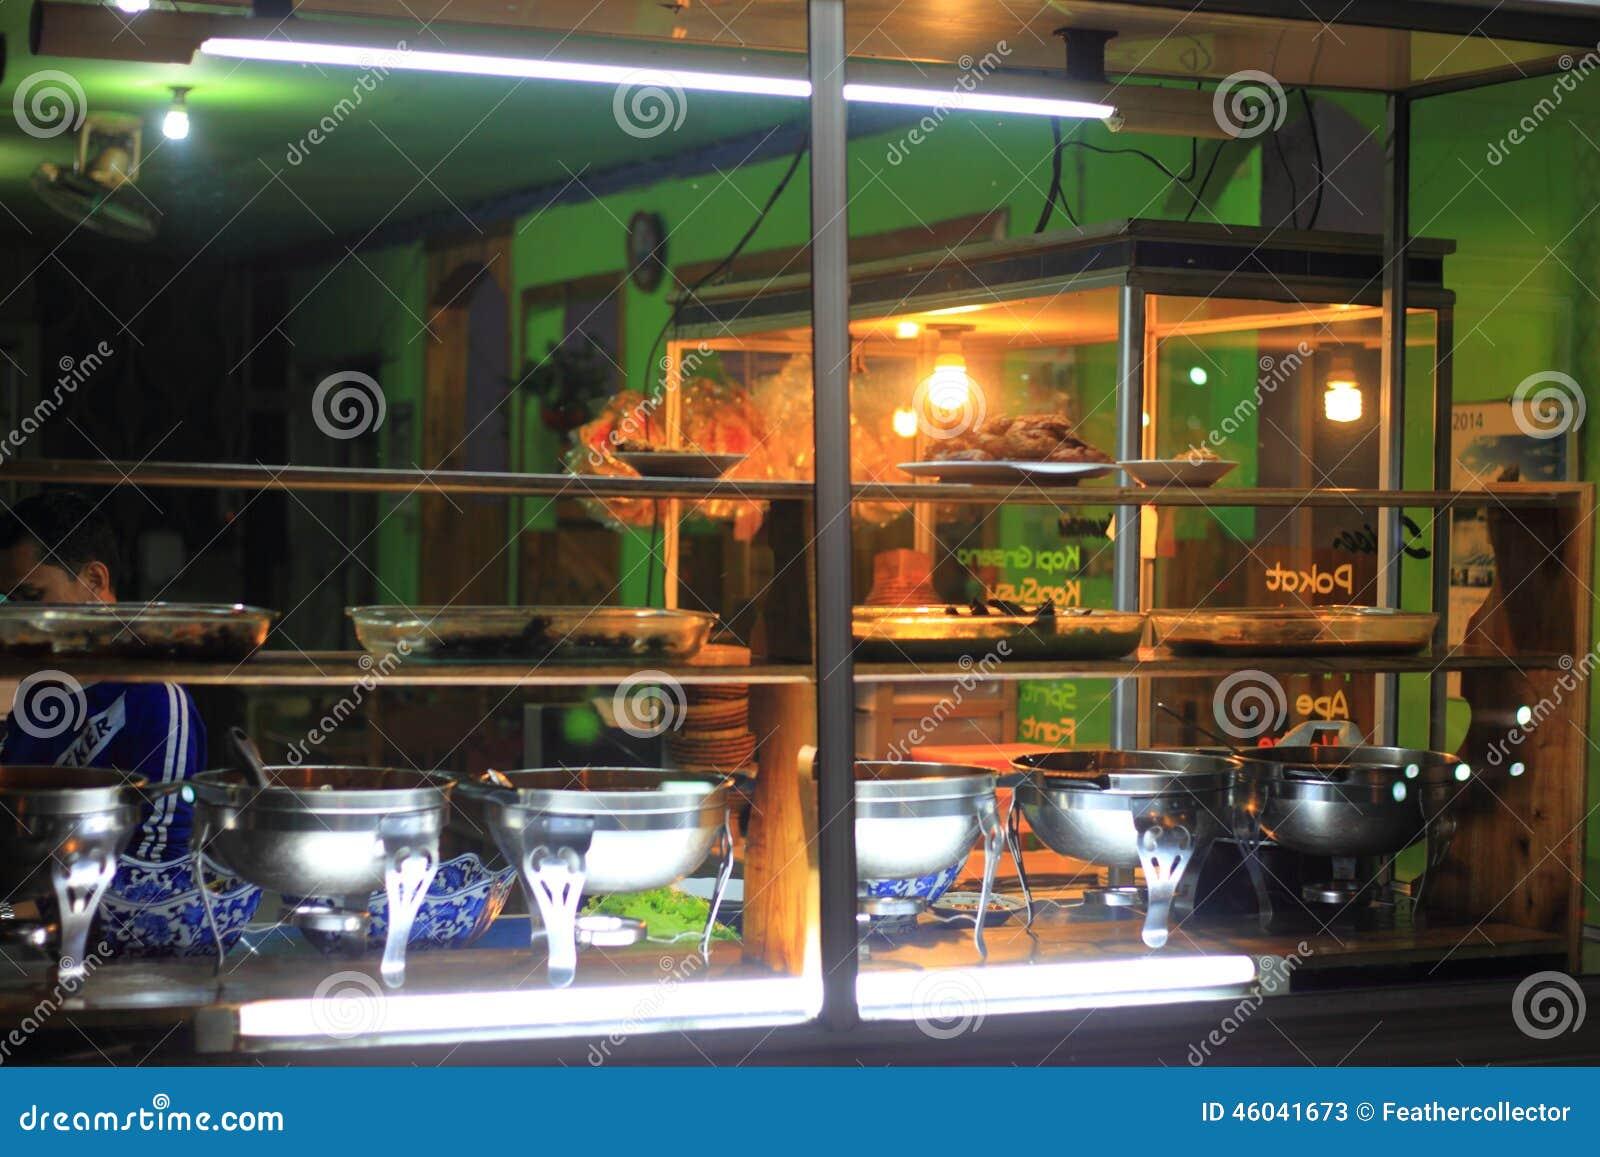 Ristorante tradizionale indonesiano